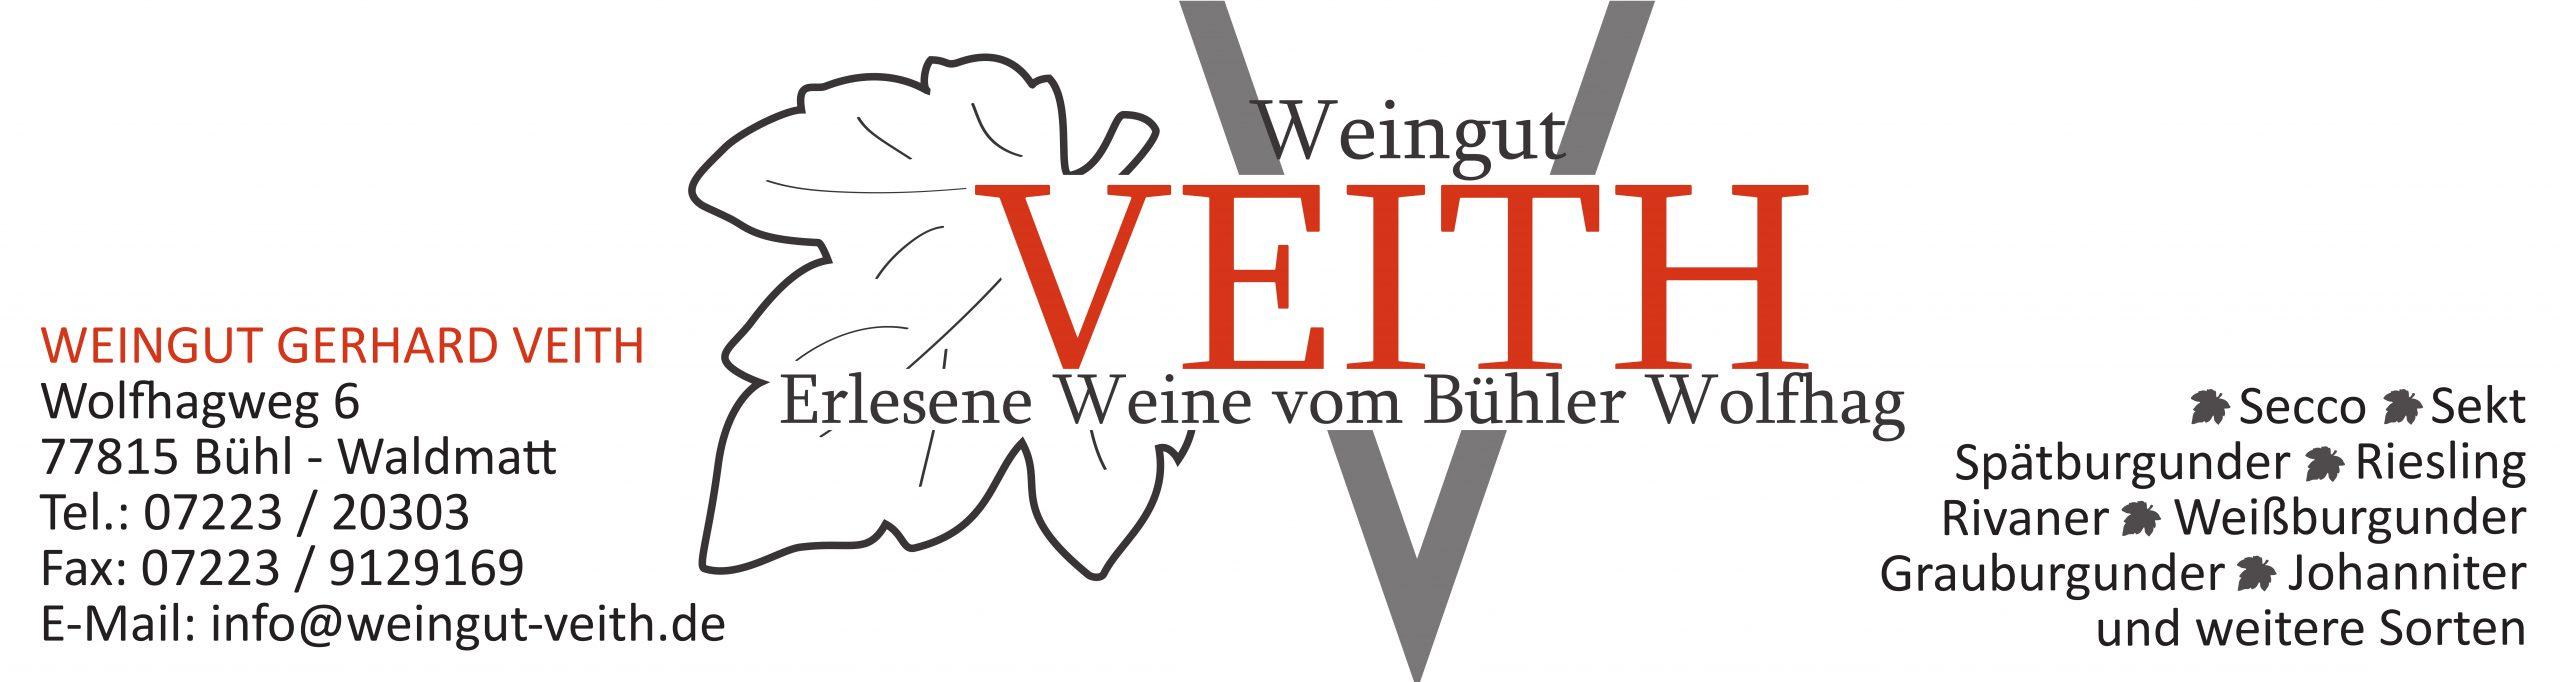 Veith Weingut_001